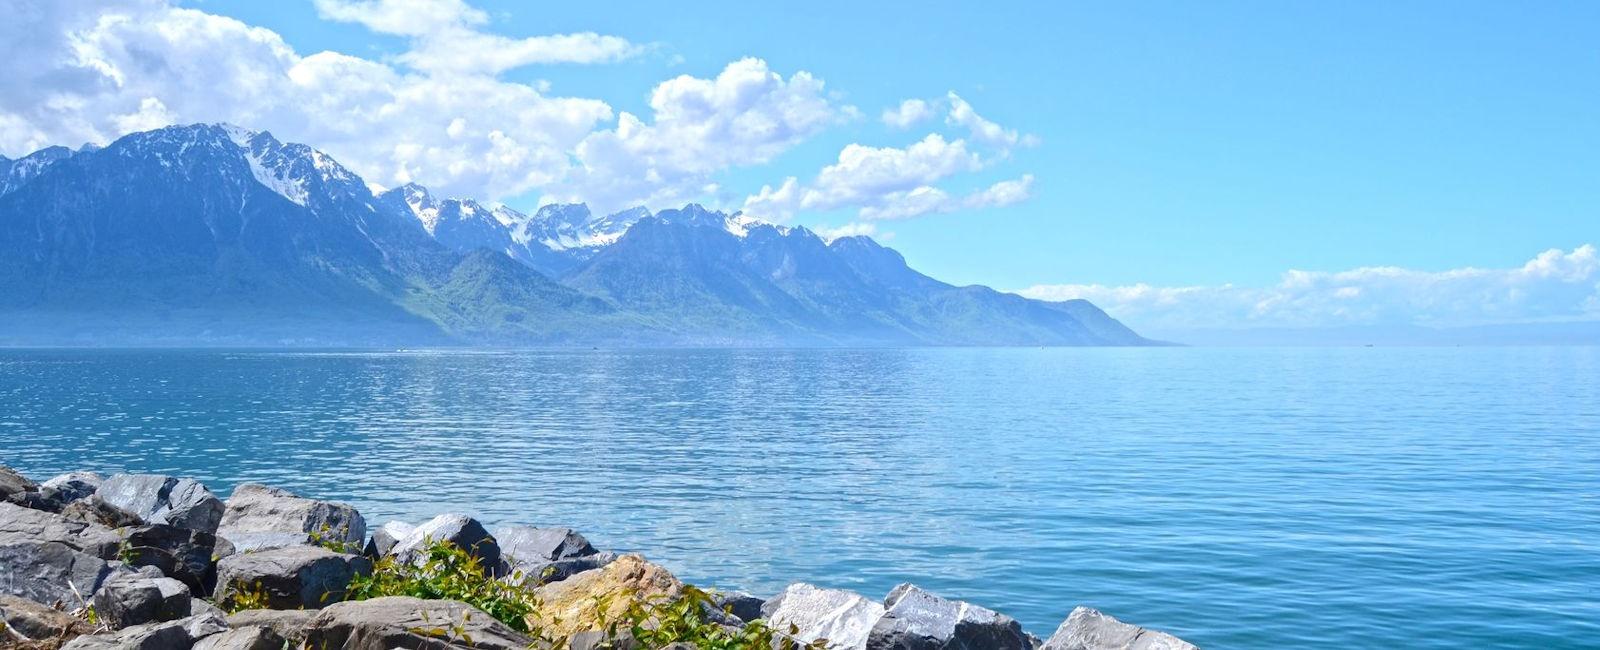 Luxury Lake Geneva Holidays